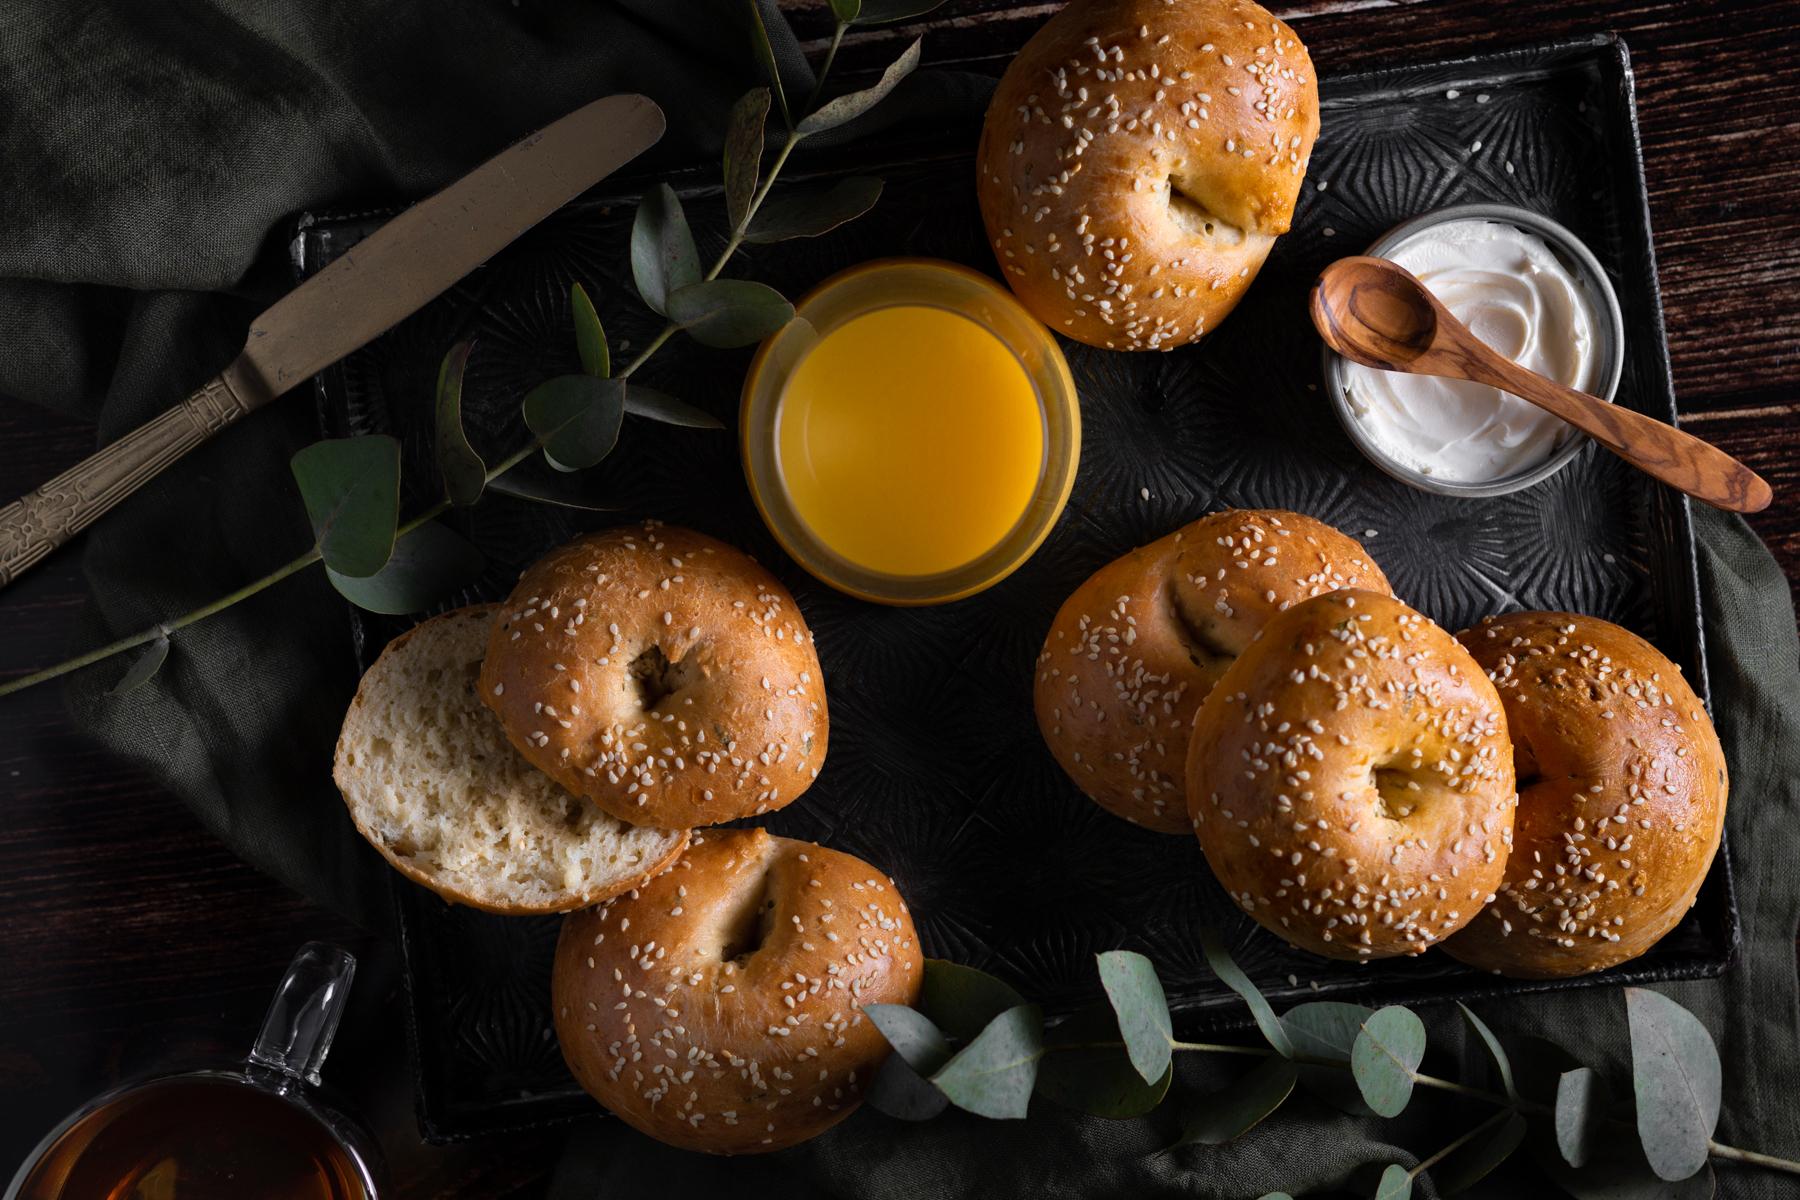 Schaal met vers gebakken bagels, vers geperst sinaasappelsap en een bakje Cream cheese